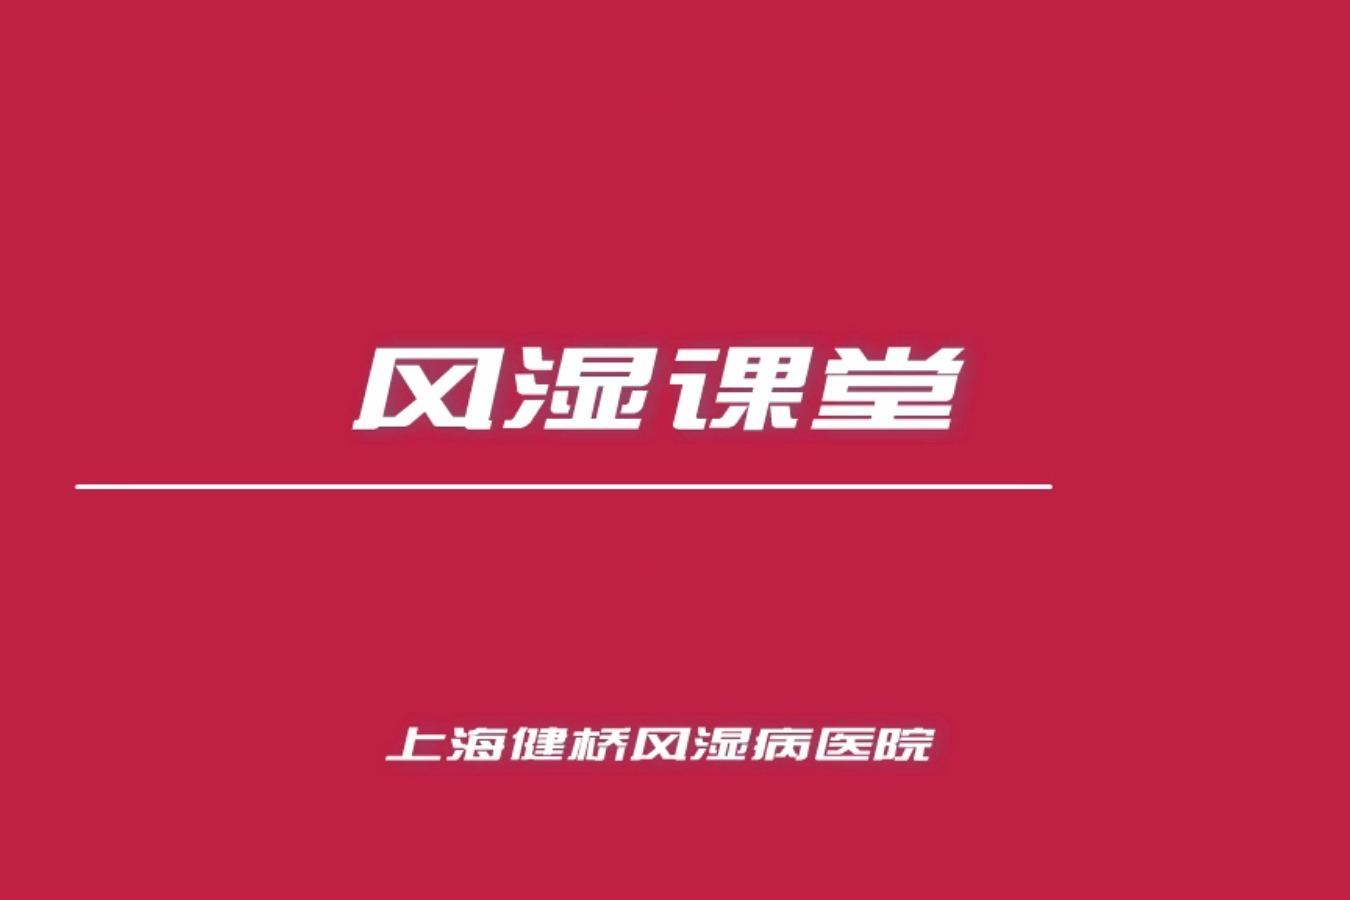 上海健桥医院刘大顺医生讲述:秋季痛风病人要怎么护理